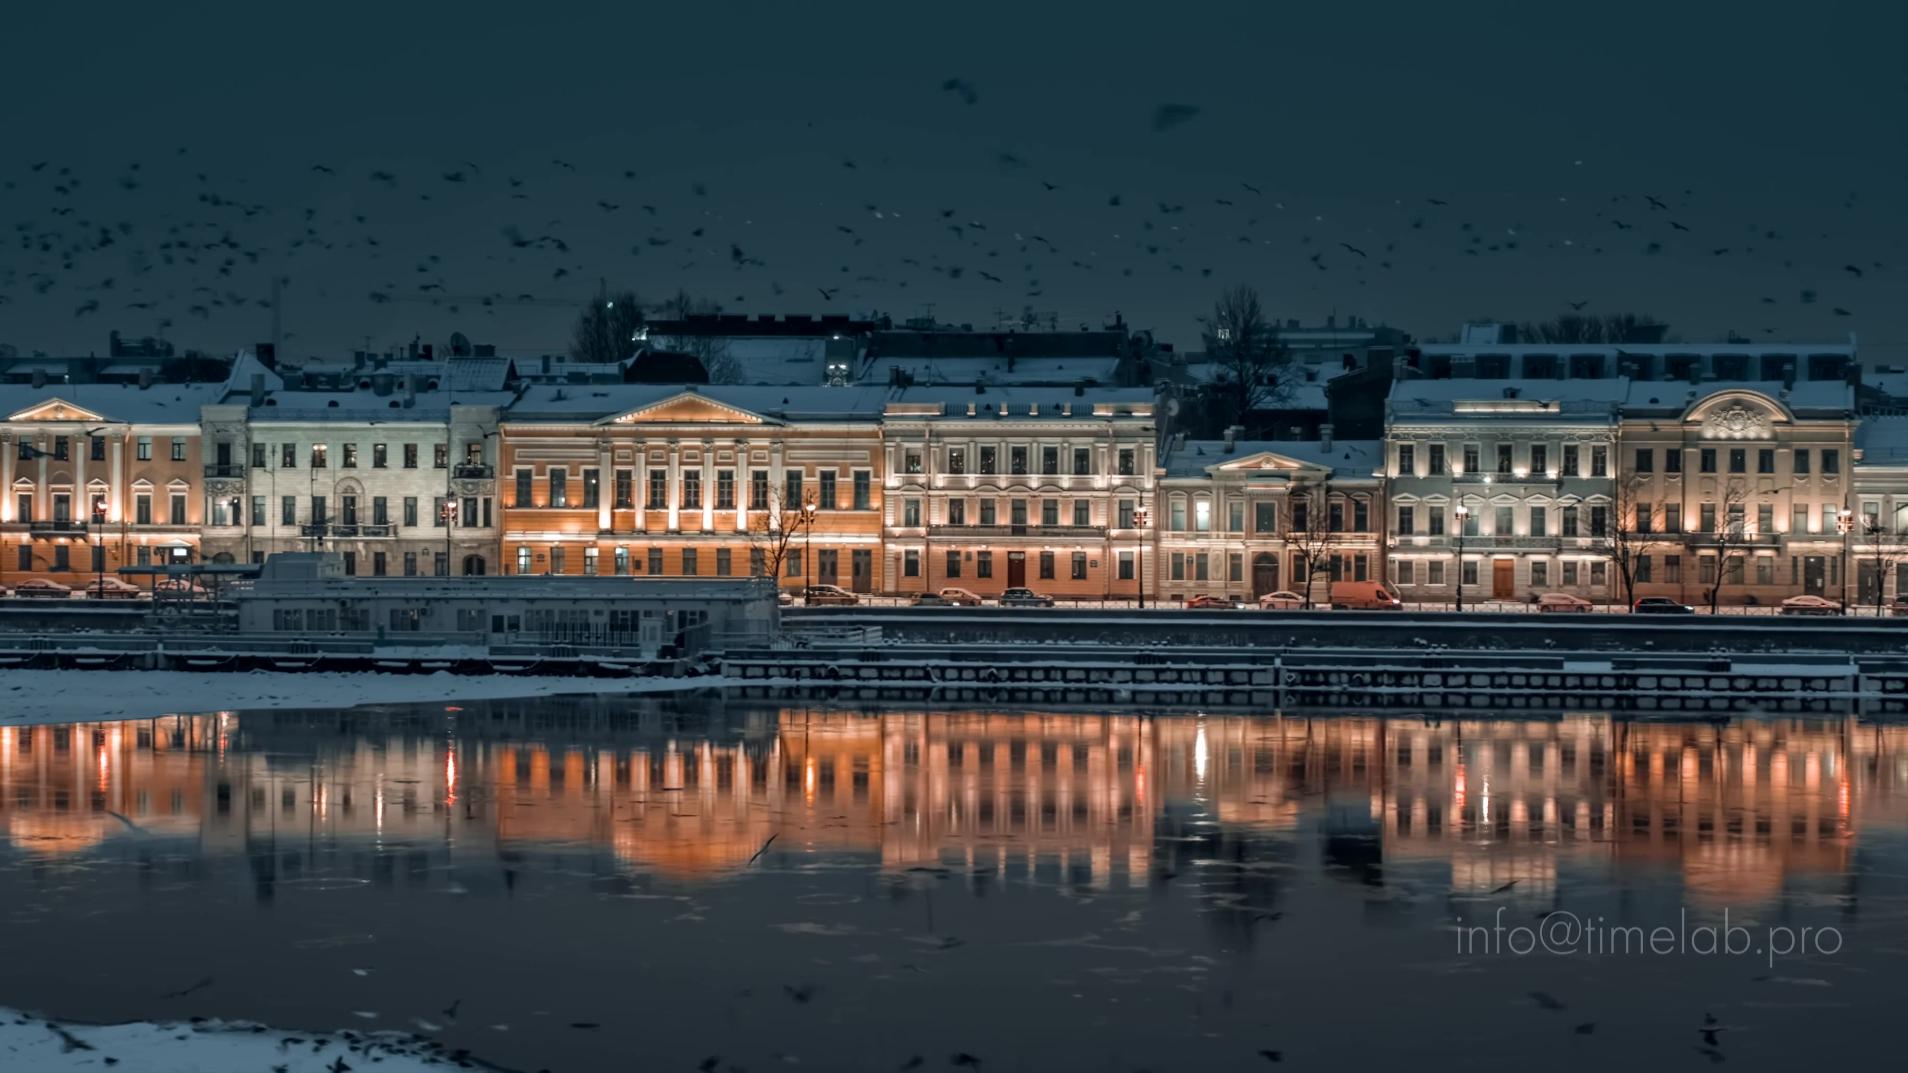 【放松】【冬天 俄罗斯 圣彼得堡】【1080P】